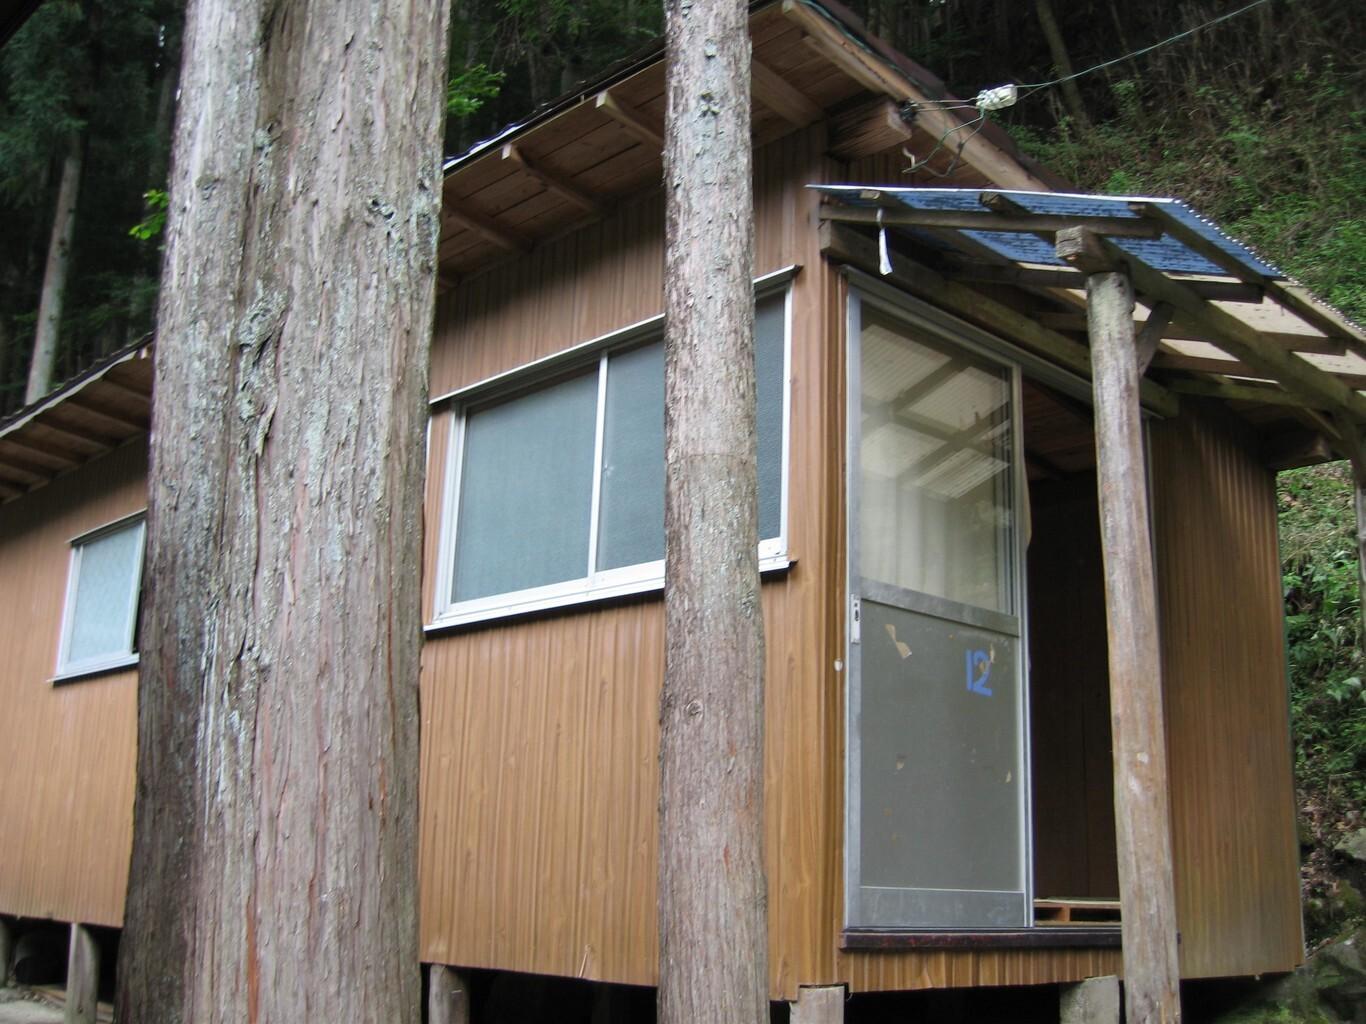 西丹沢 大滝キャンプ場 の公式写真c8639